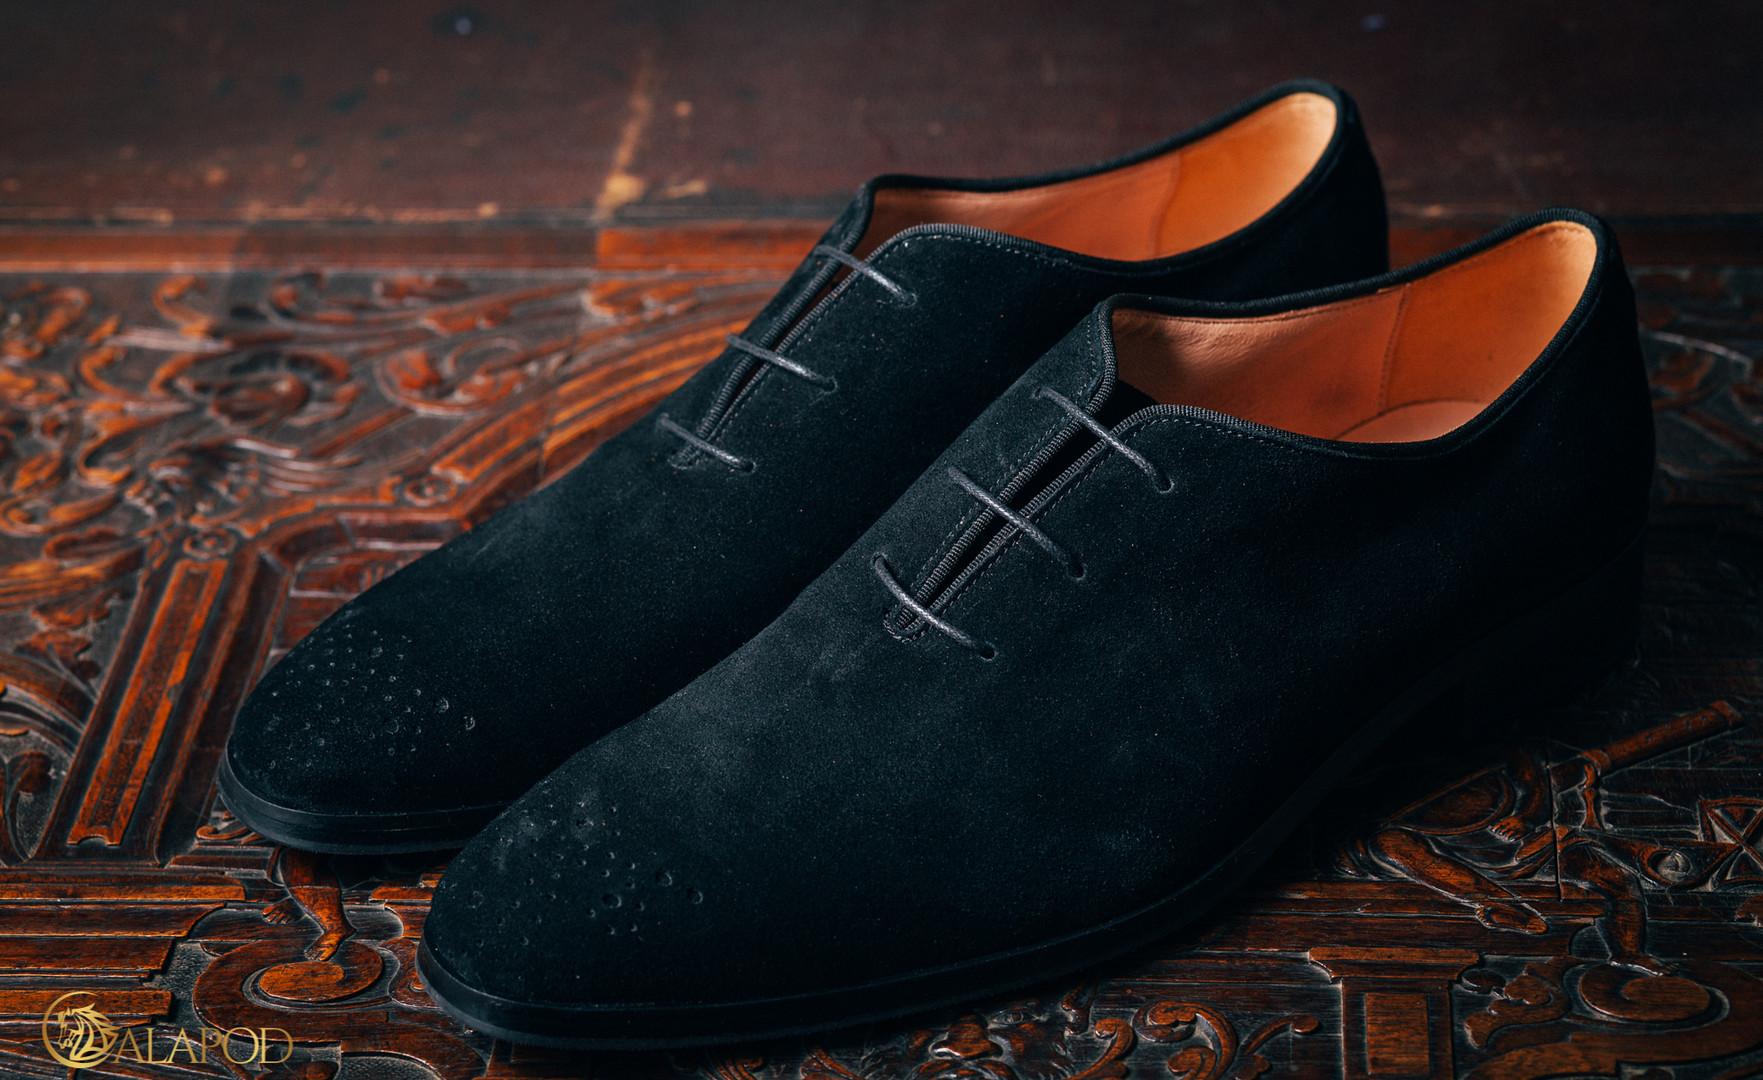 Pantofi Diablo